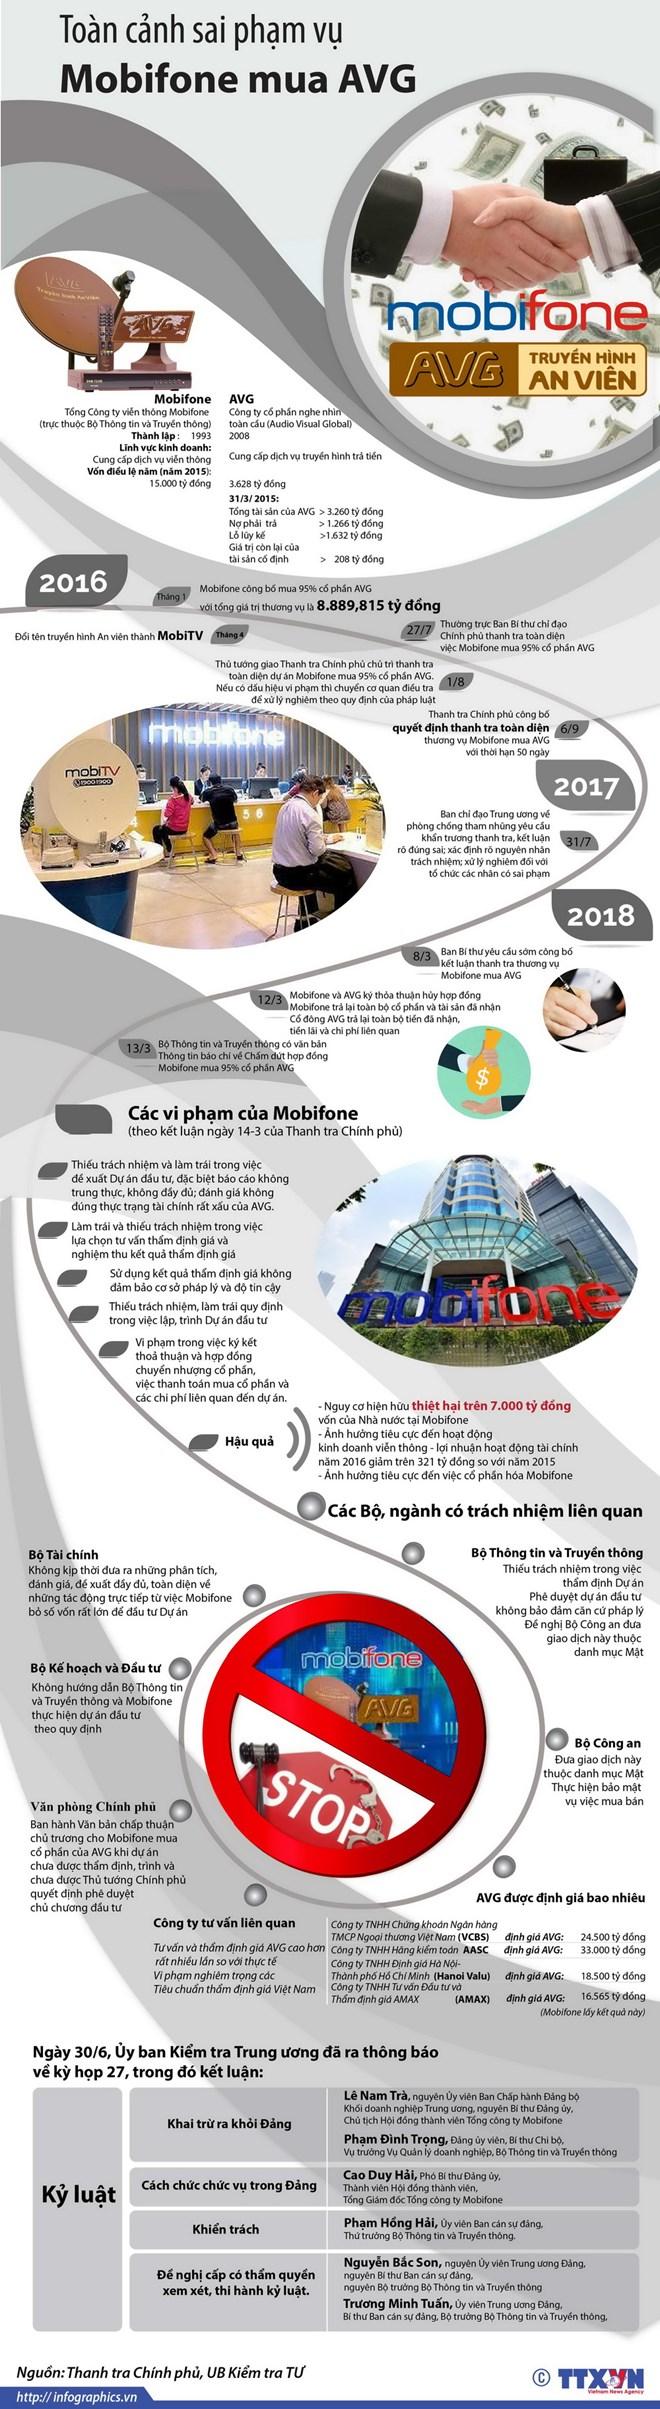 infographics toan canh sai pham vu mobifone mua avg